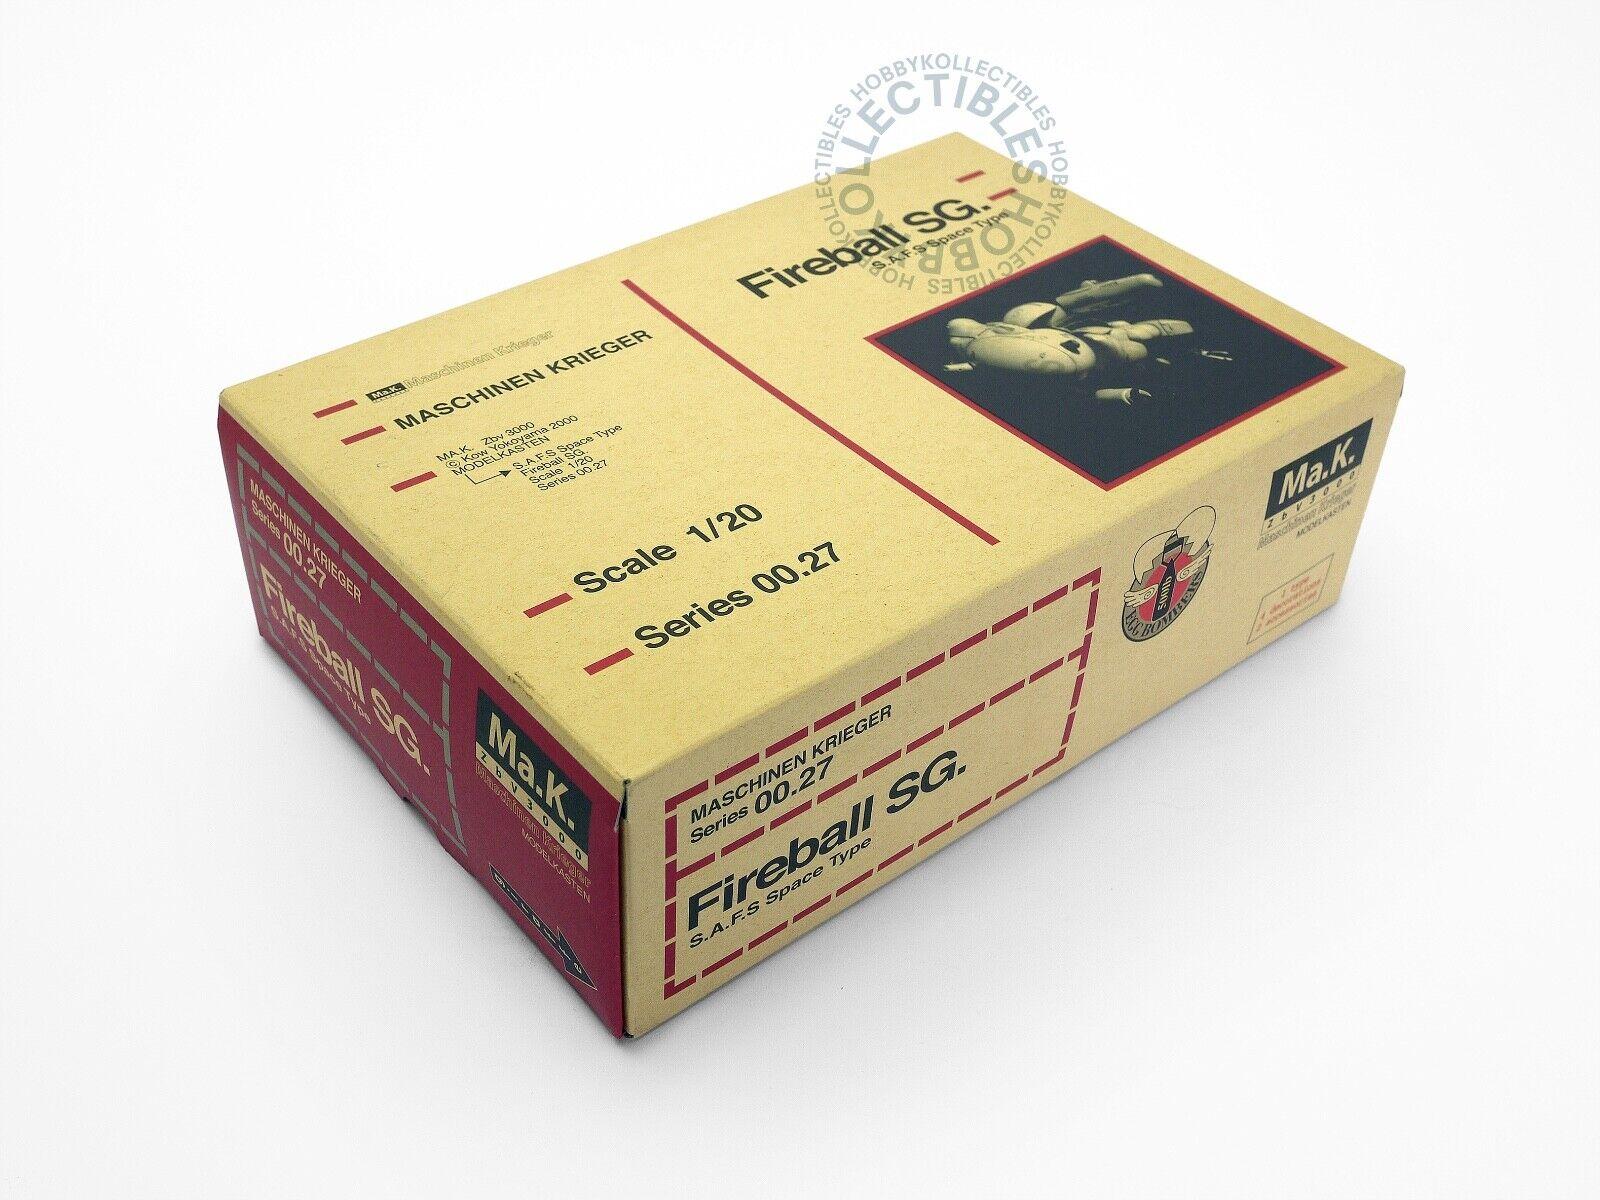 Ma.K modellllerlerkasten Nitto (SF3D)  20 SAFS Fireboll SG hkonsts  Plastic modellllerler (2)